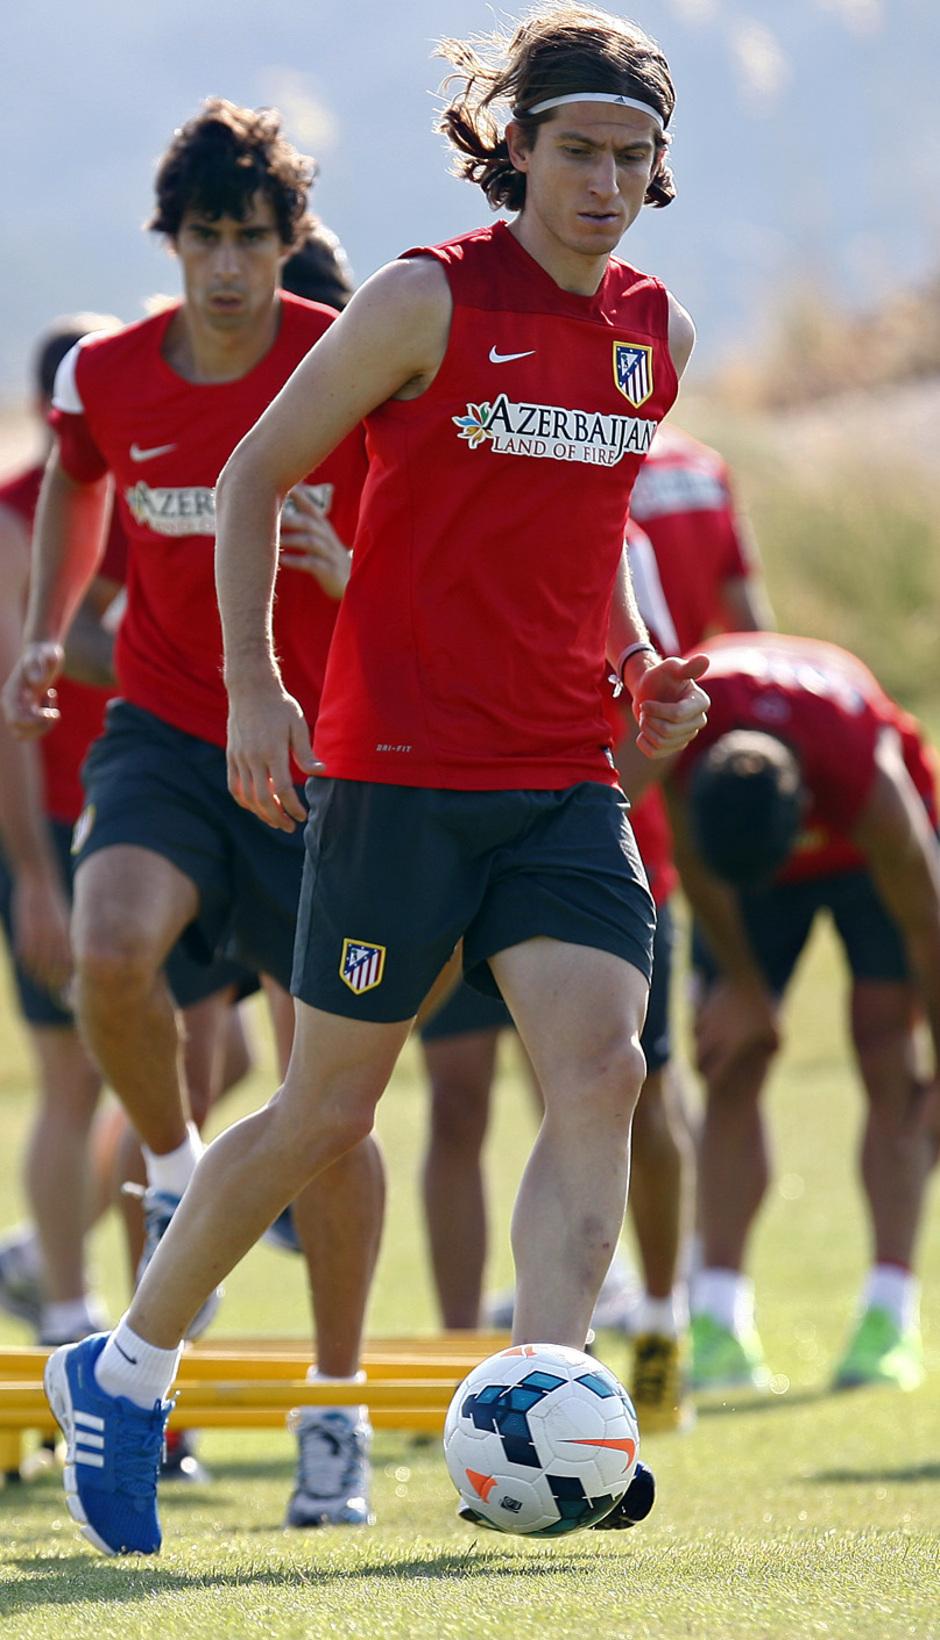 Temporada 13/14. Entrenamiento. Equipo entrenando en los Ángeles de San Rafael, Filipe con el balón en el campo de golf